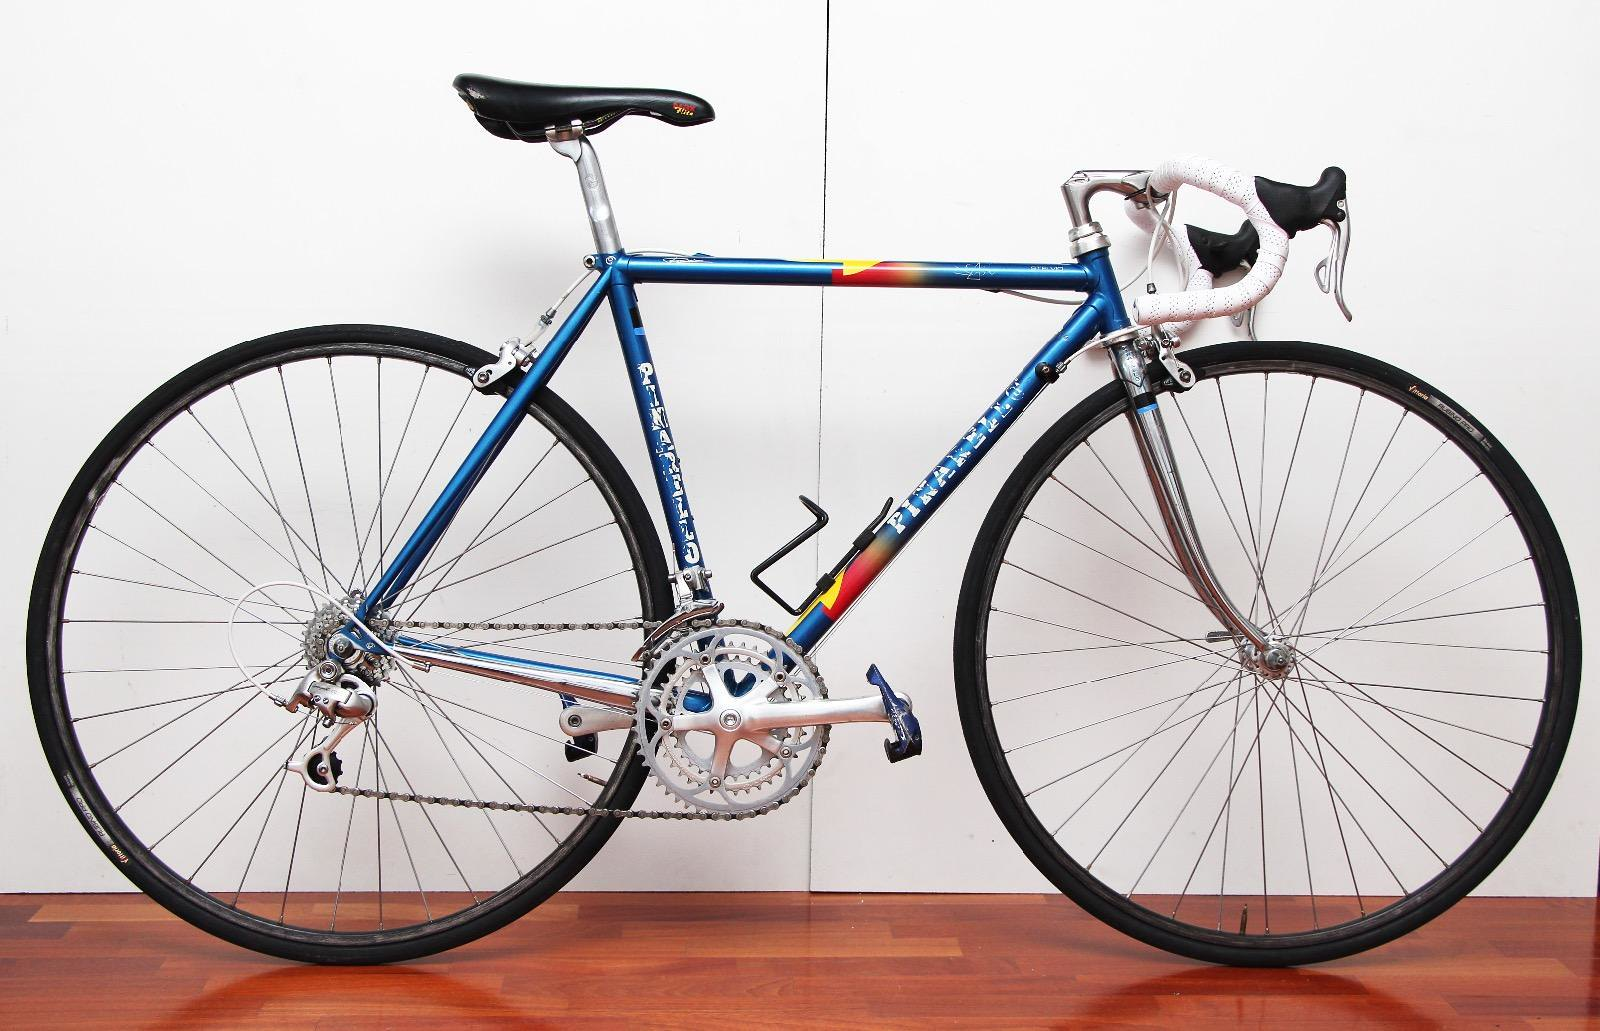 pinarello - Pinarello Stelvio. Une semaine un vélo. 39370513691_031d7030a3_h